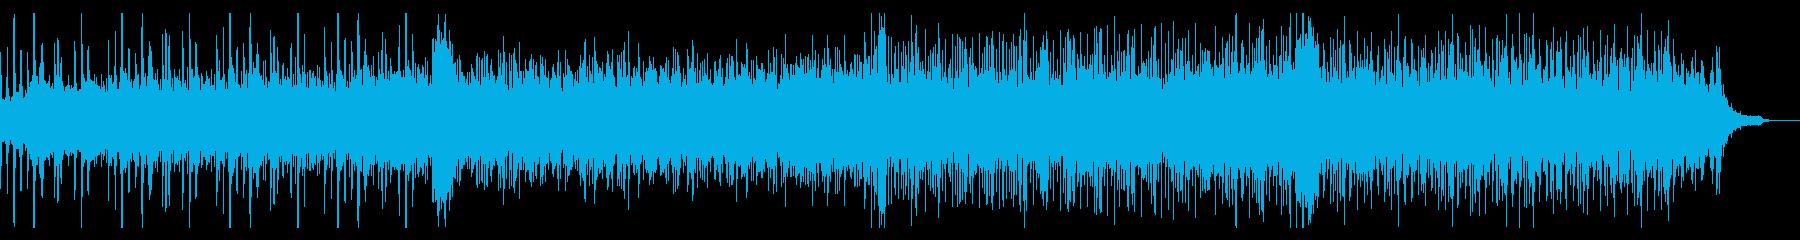 ダークなアンビエントIDMの再生済みの波形